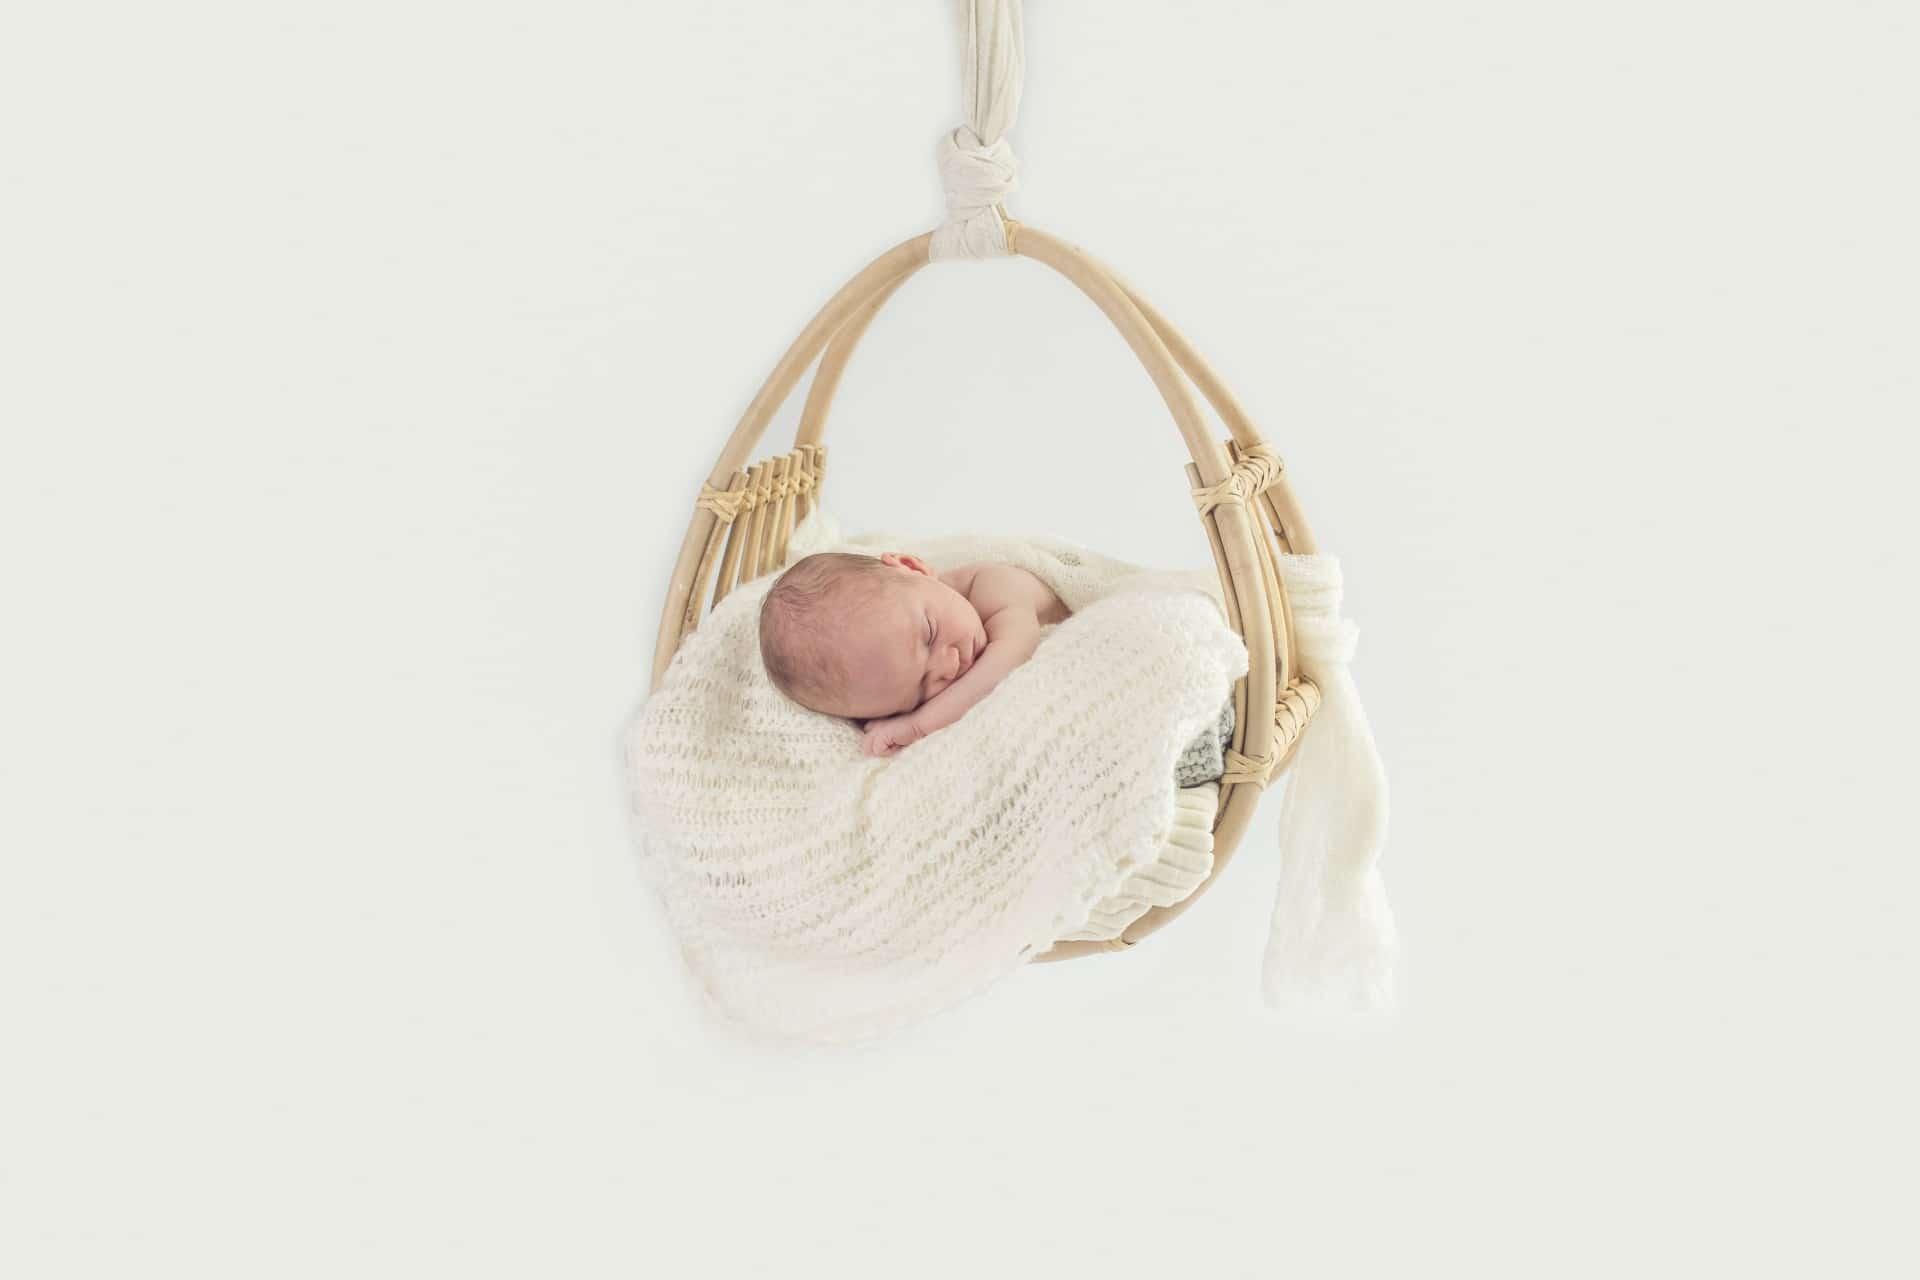 133-Tania-Flores-Photography-Babyfotos-Nu5m34DT